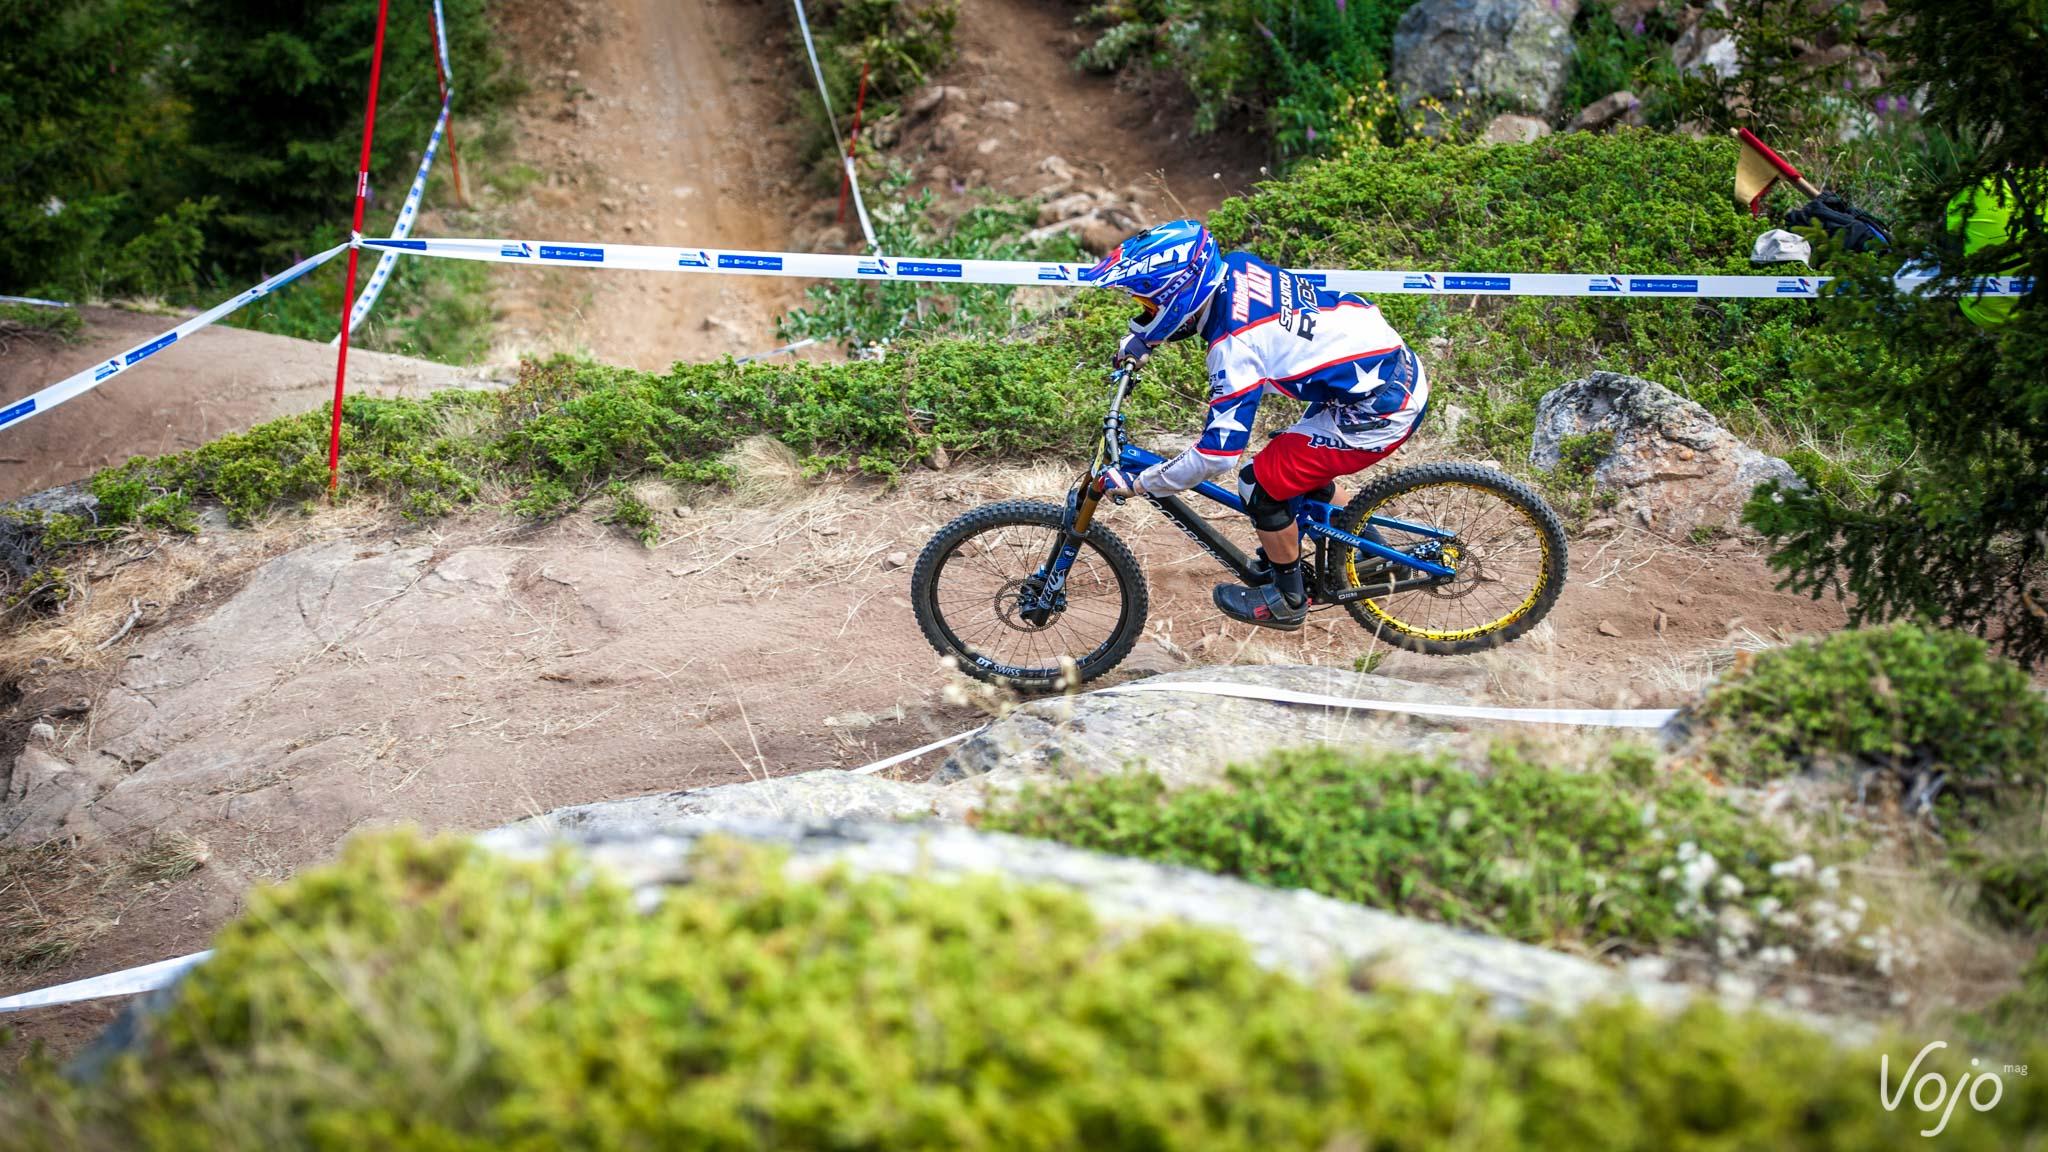 Championnats-de-france-2015-Oz-DH-finale-65